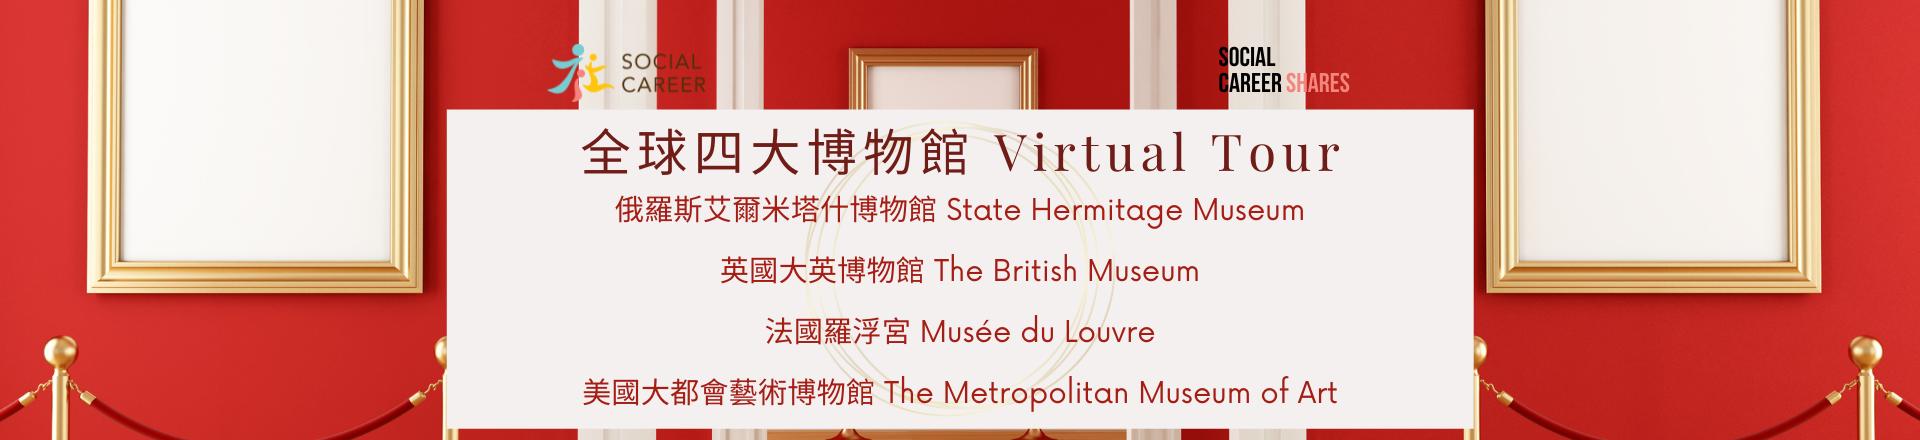 全球四大博物館Online